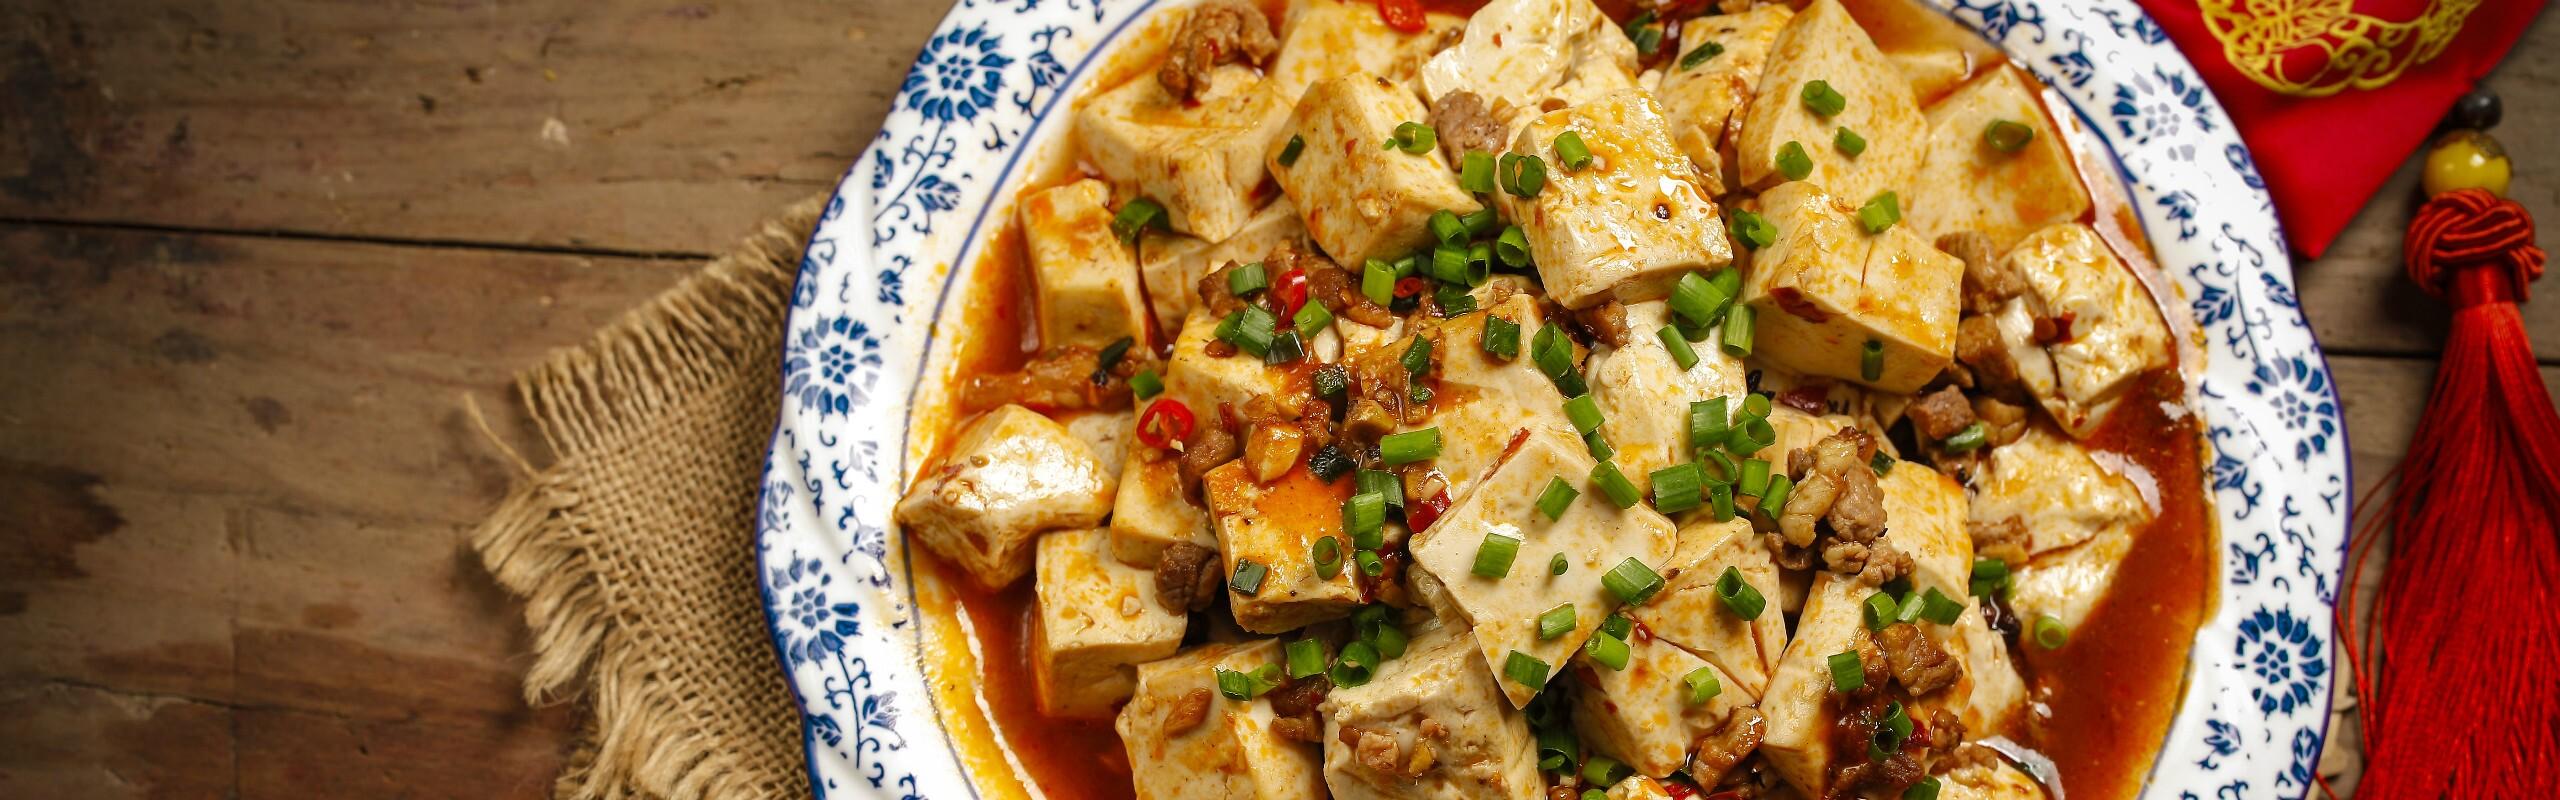 Sichuan Cuisine Cooking Tour